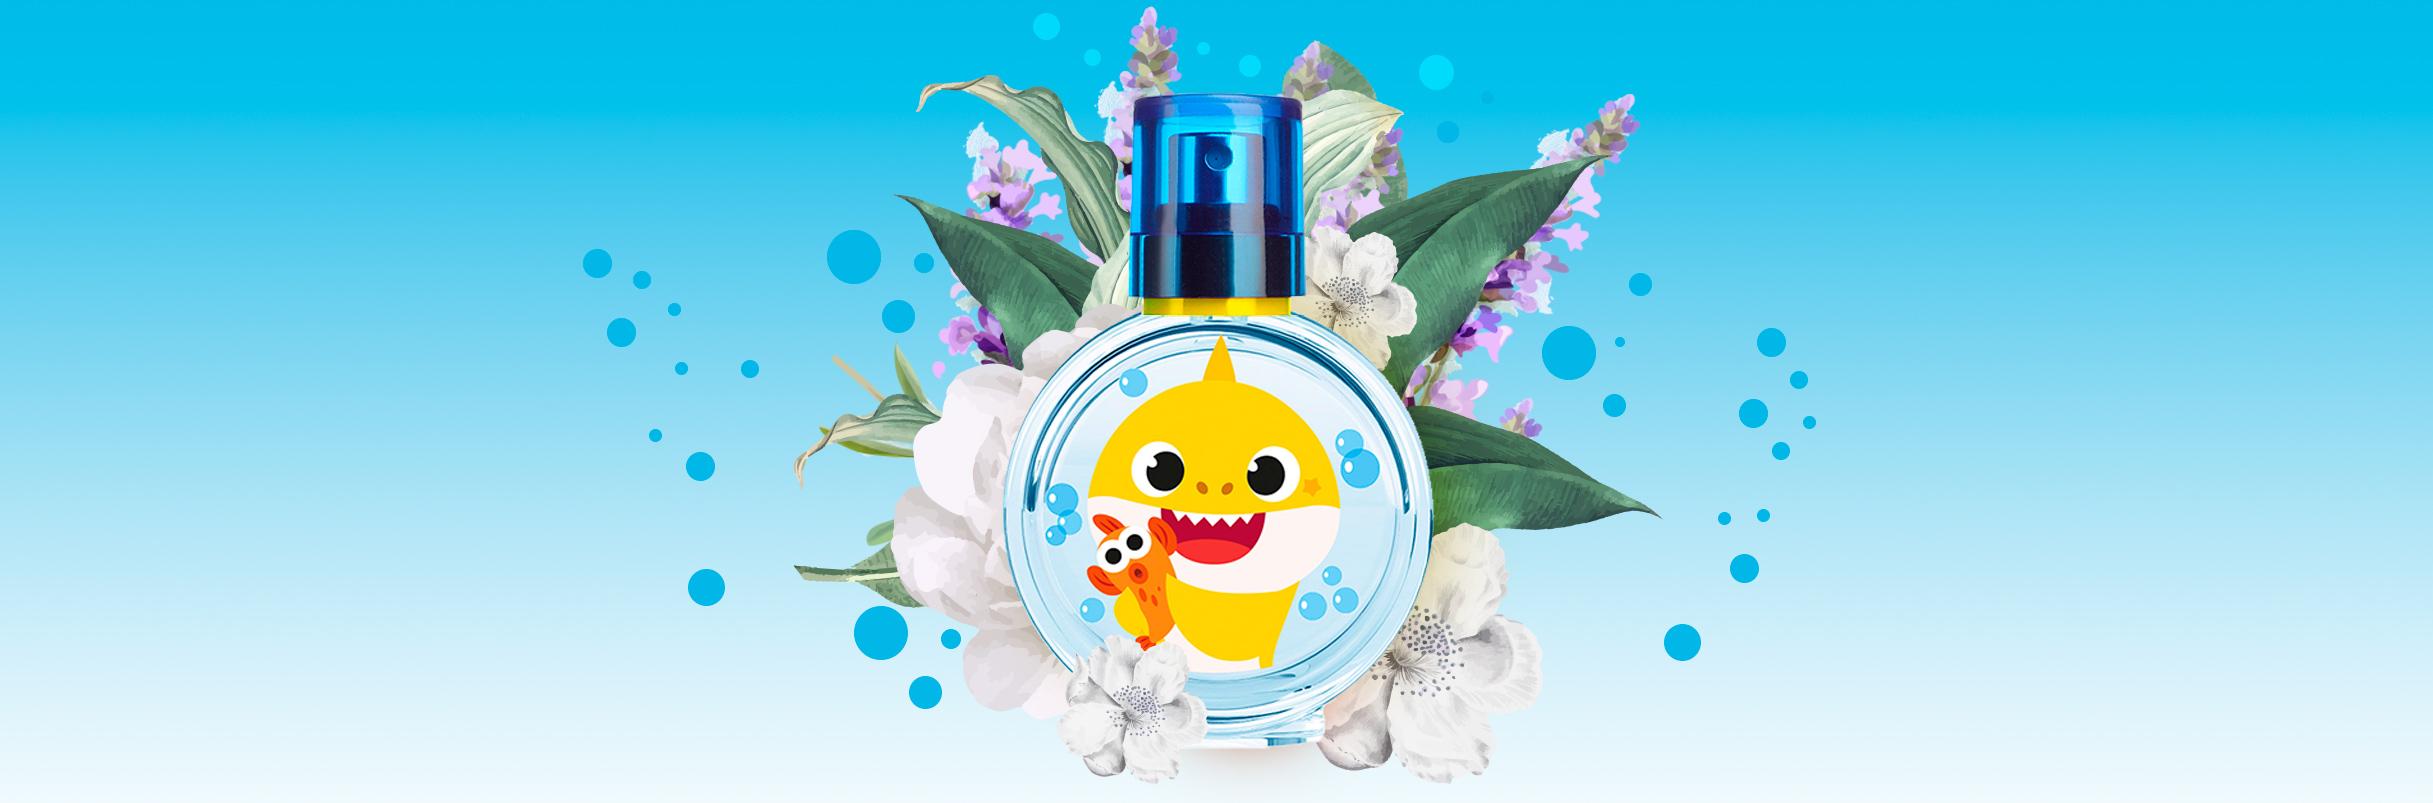 The Baby Shark fragrances